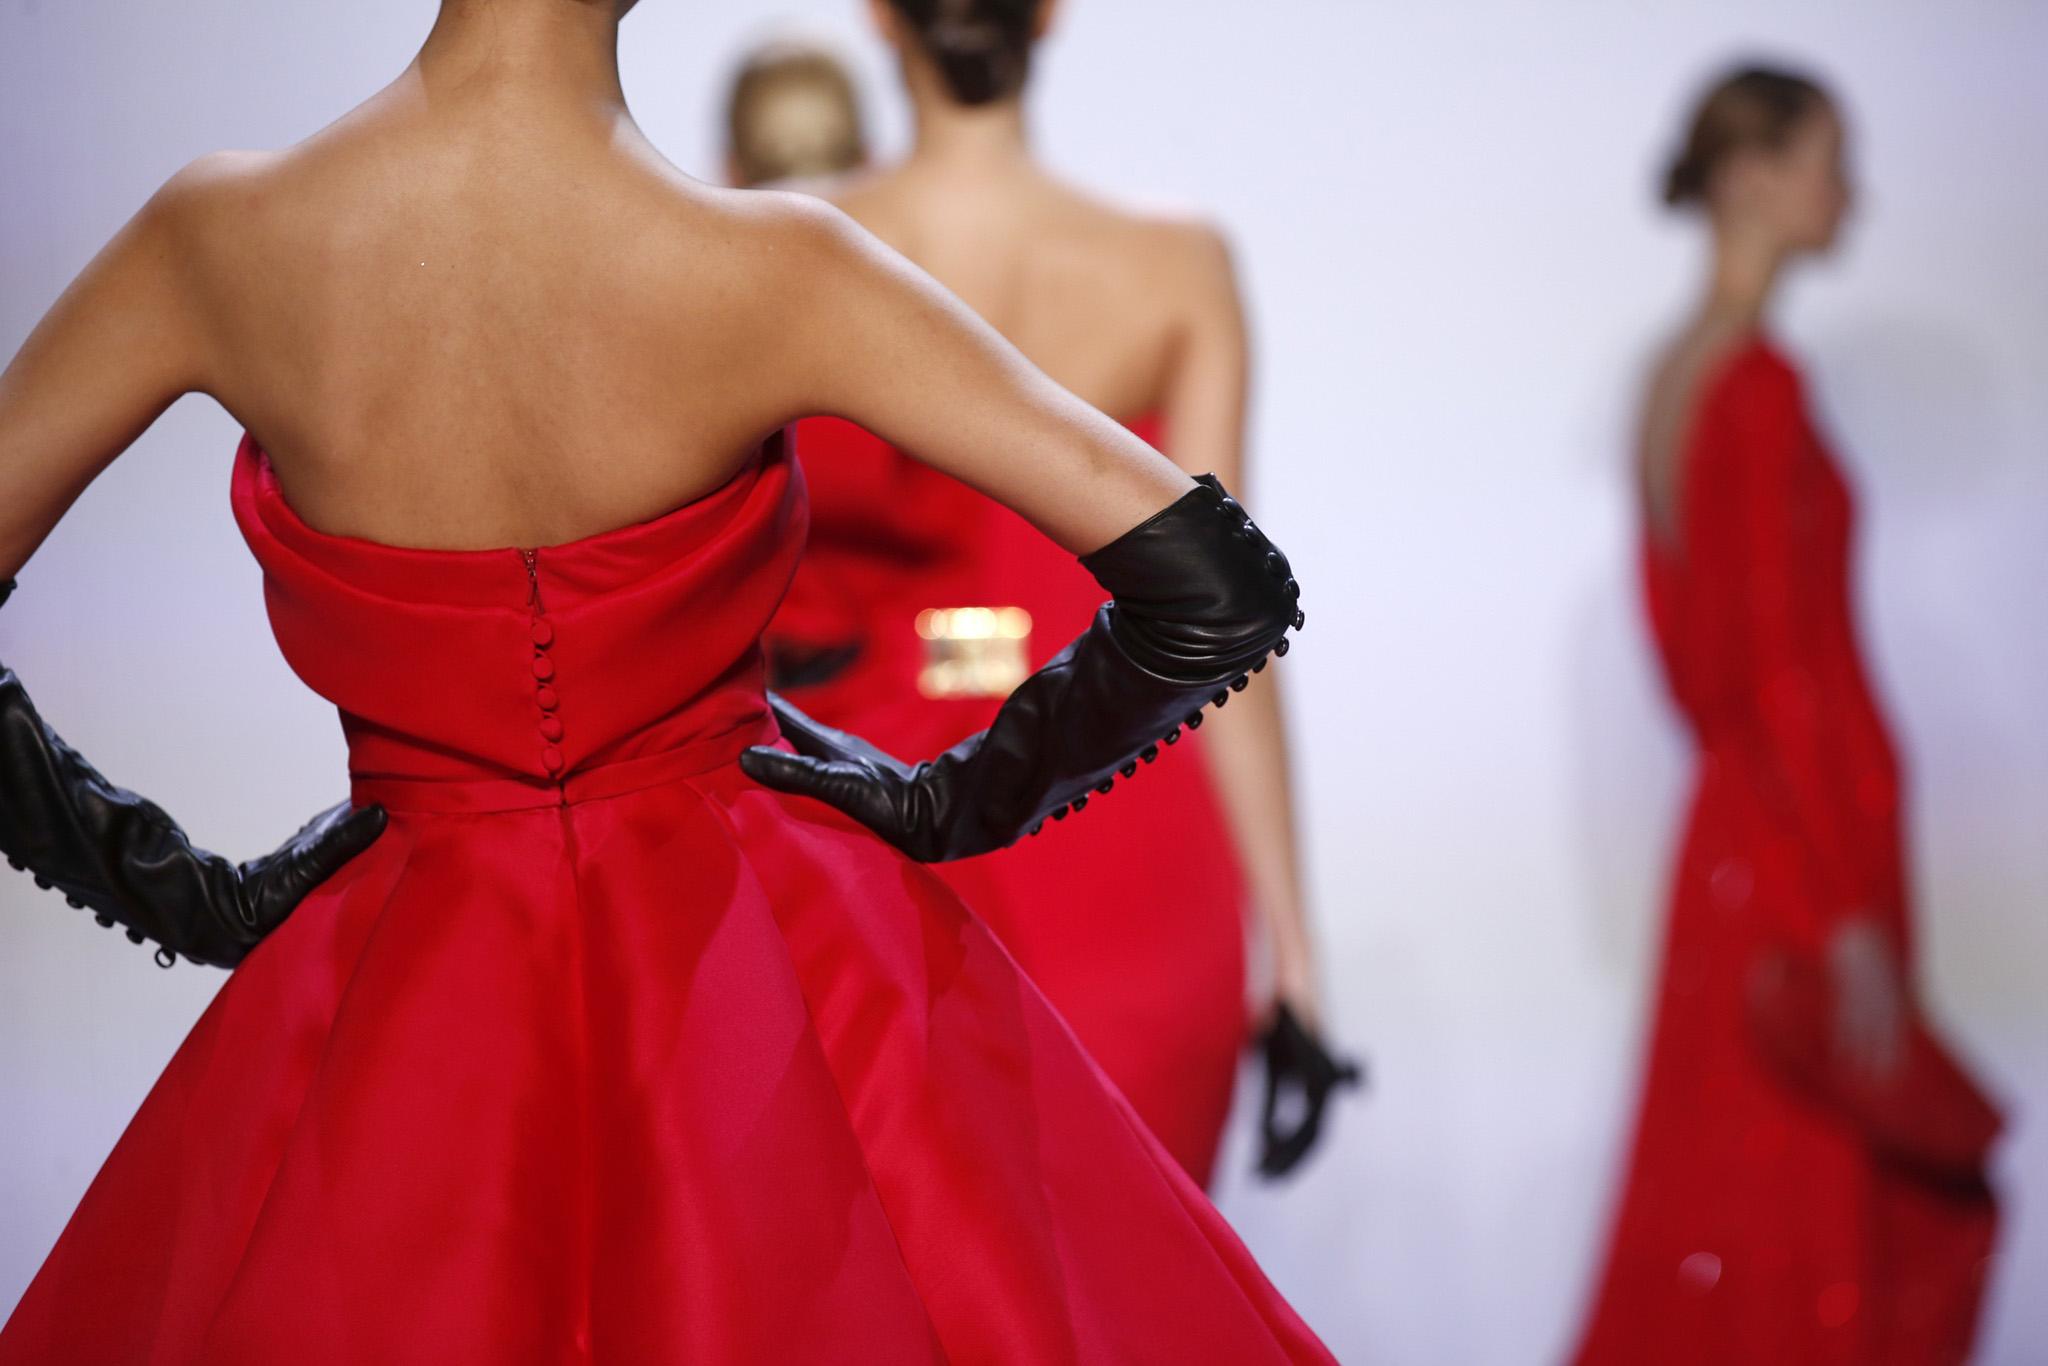 Ralph russo haute couture haute today - La chambre syndicale de la haute couture ...